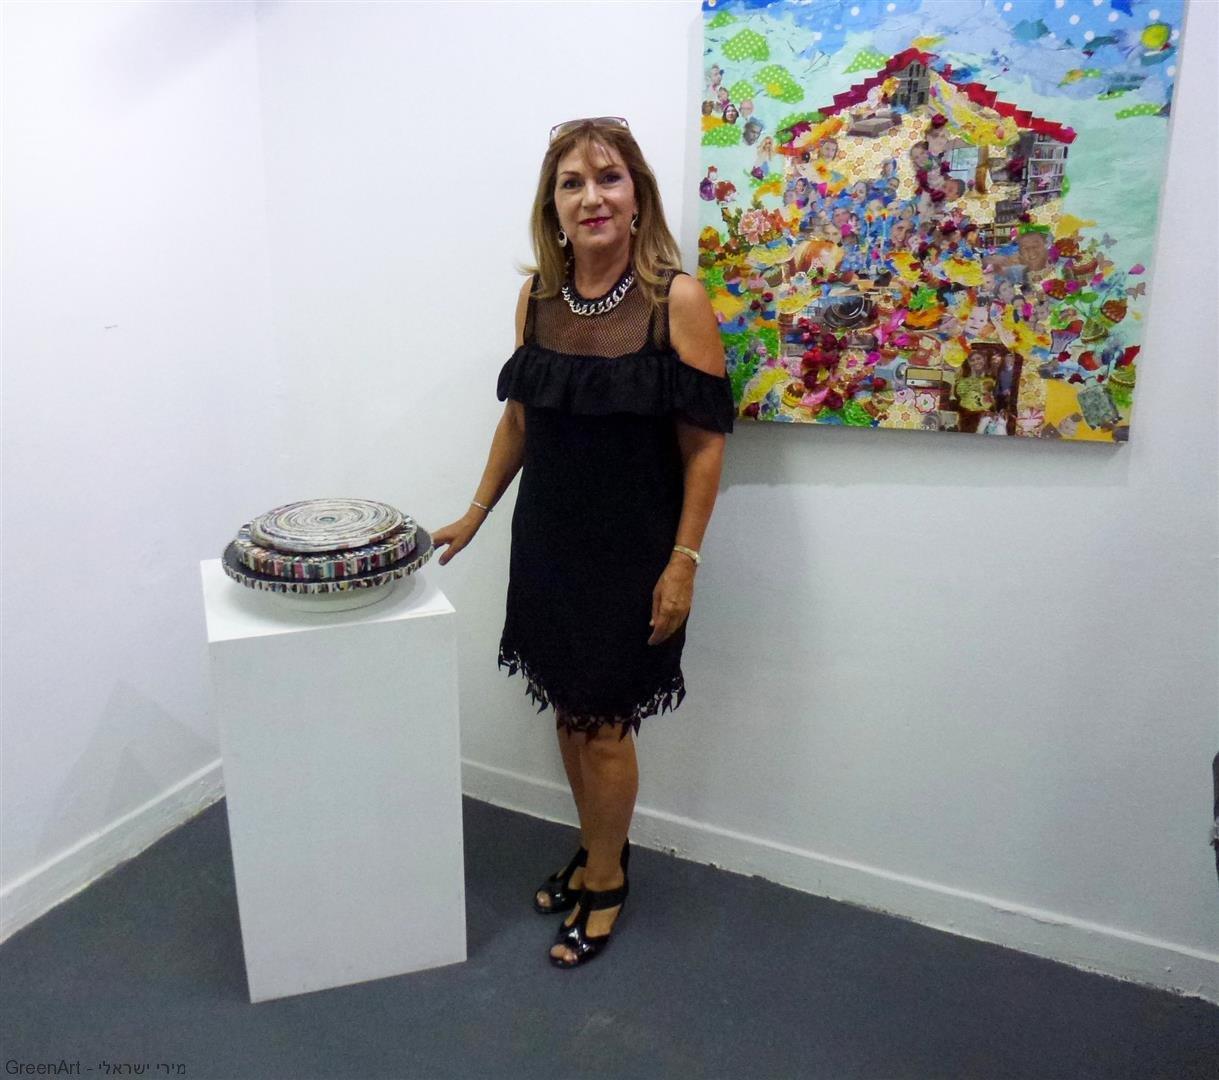 עם היצירה שלי באירוע הפתיחה לתערוכת ניירות עם חברי אמני מוזה רעננה